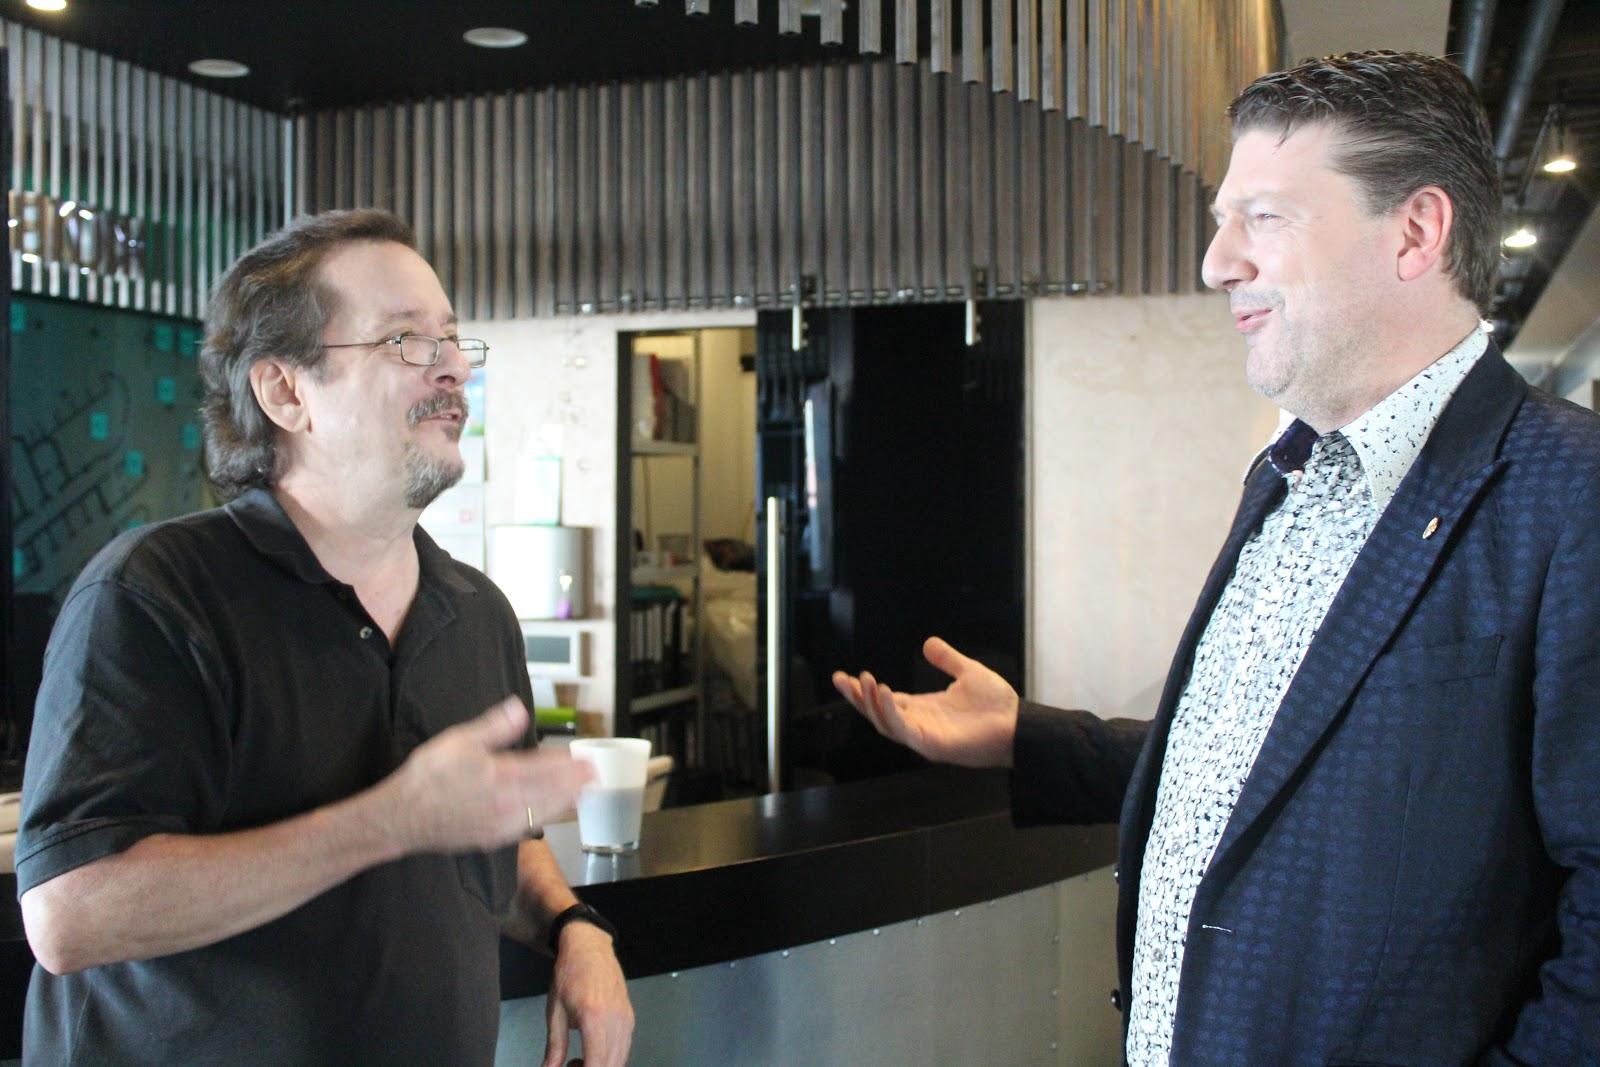 Тот, кто воскресил Duke Nukem: интервью с Рэнди Питчфордом, волшебником из Gearbox - 17